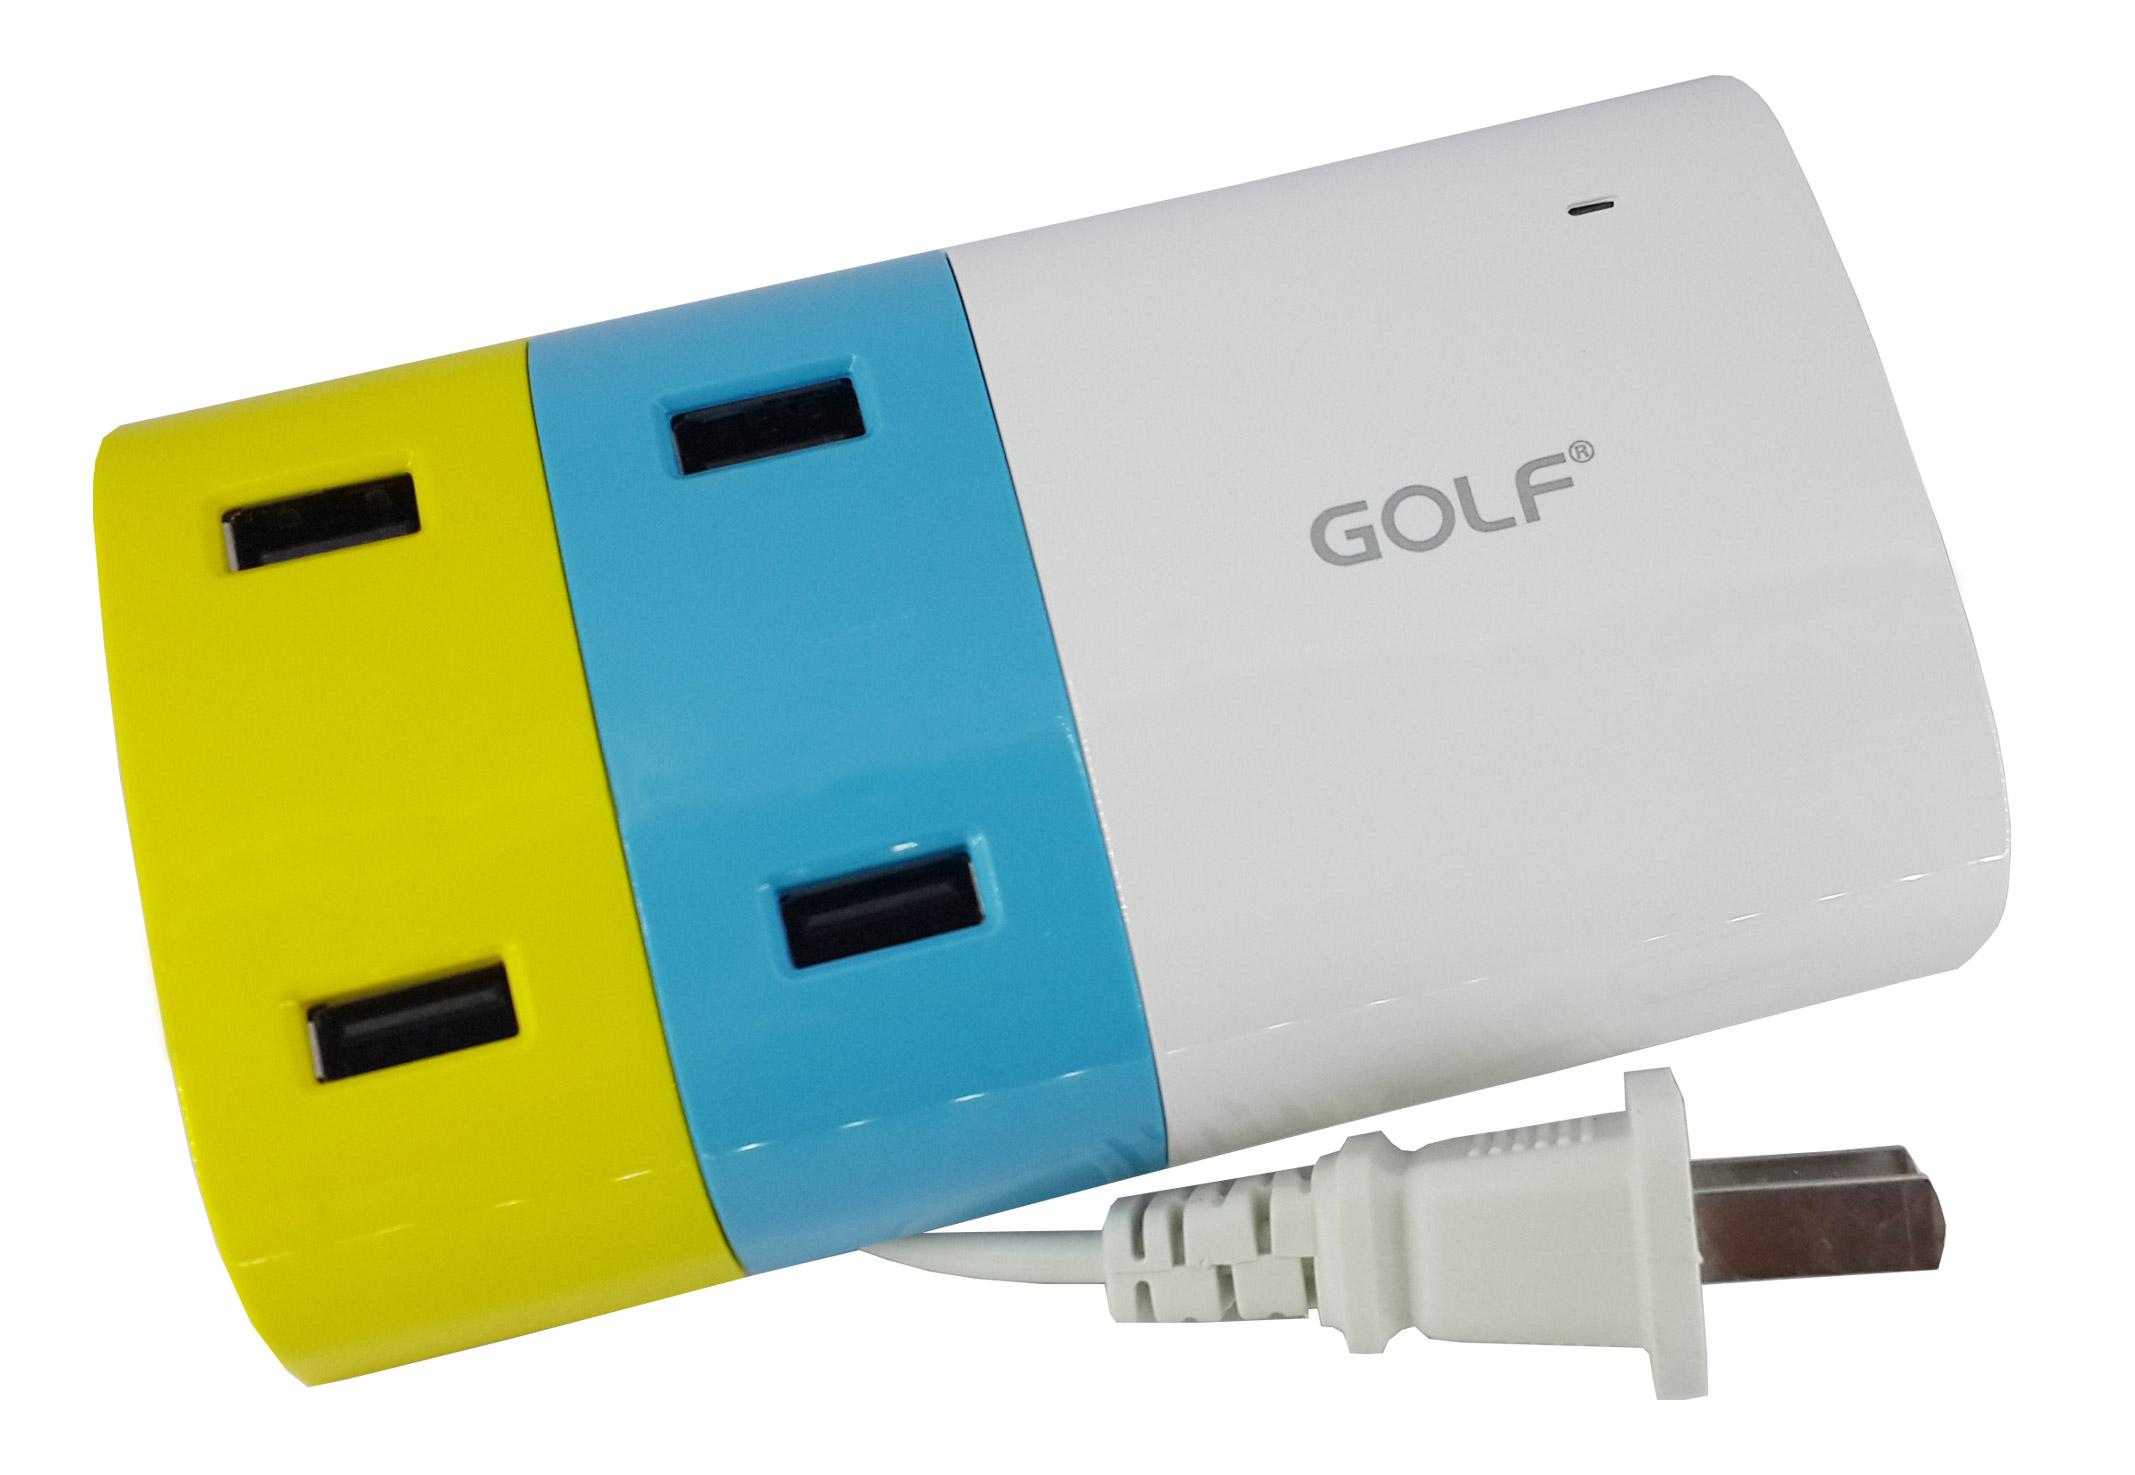 ที่ชาร์จไฟมือถือ USB 4 ช่อง (2.1Ax2 / 1Ax2) กำลังไฟรวม 6.2A ยี่ห้อ GOLF